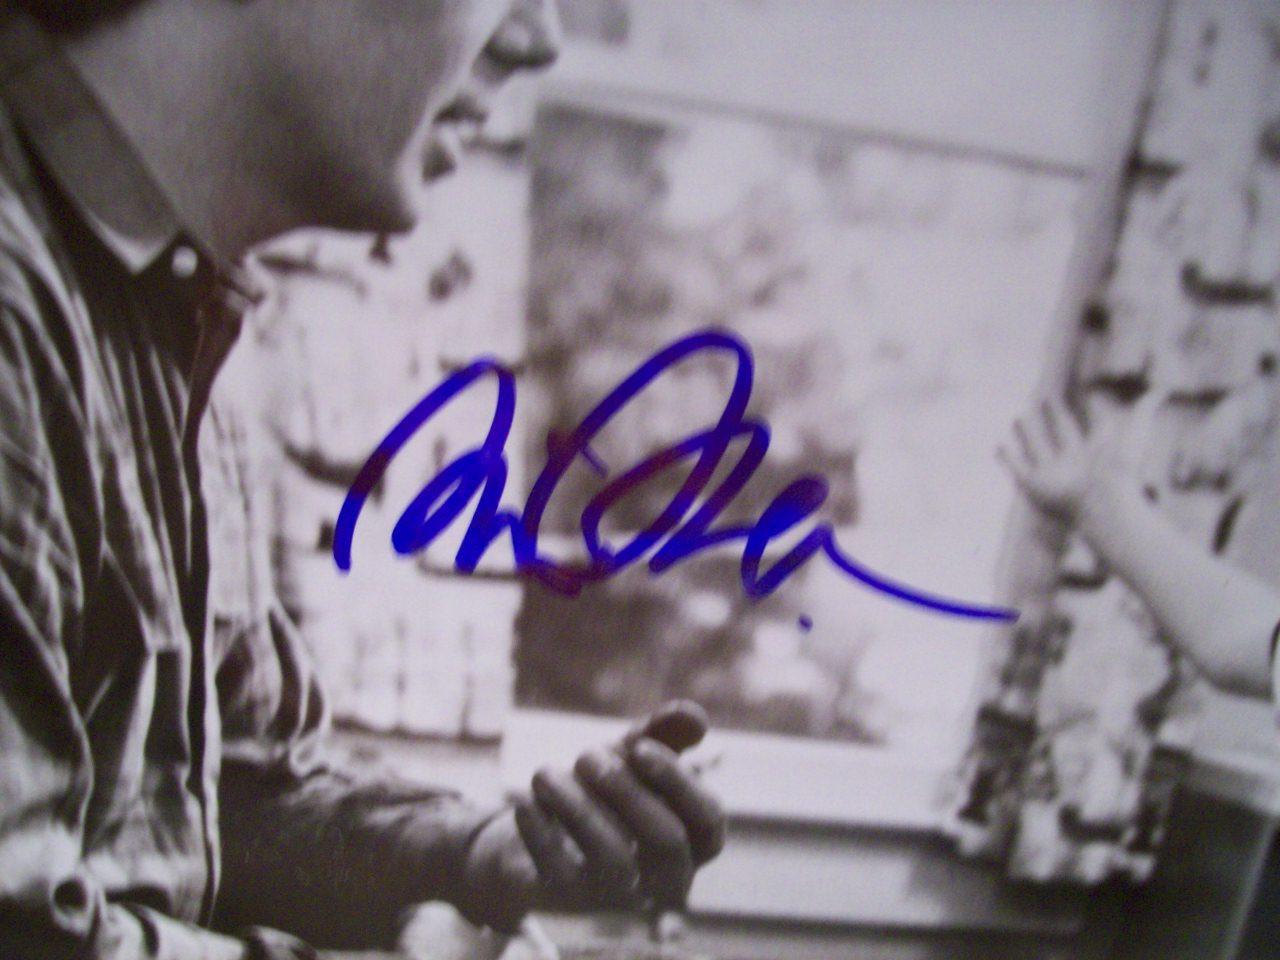 Mckean, Michael Photo Signed Autograph D.A.R.Y.L. Daryl 1985